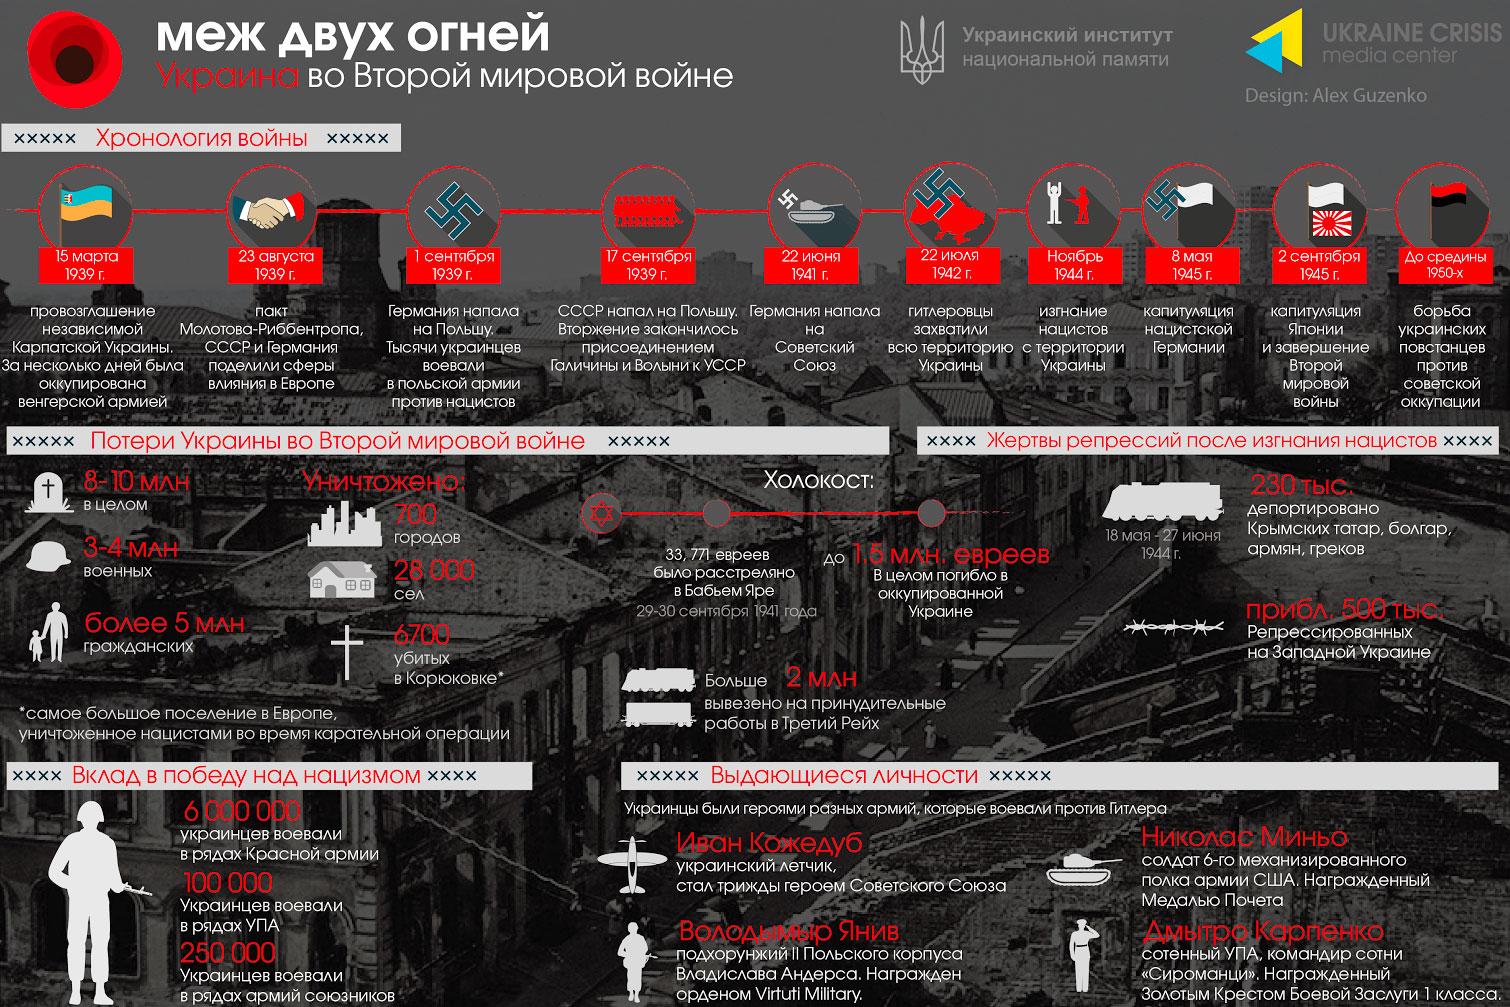 Украина во Второй мировой войне (инфограмма)